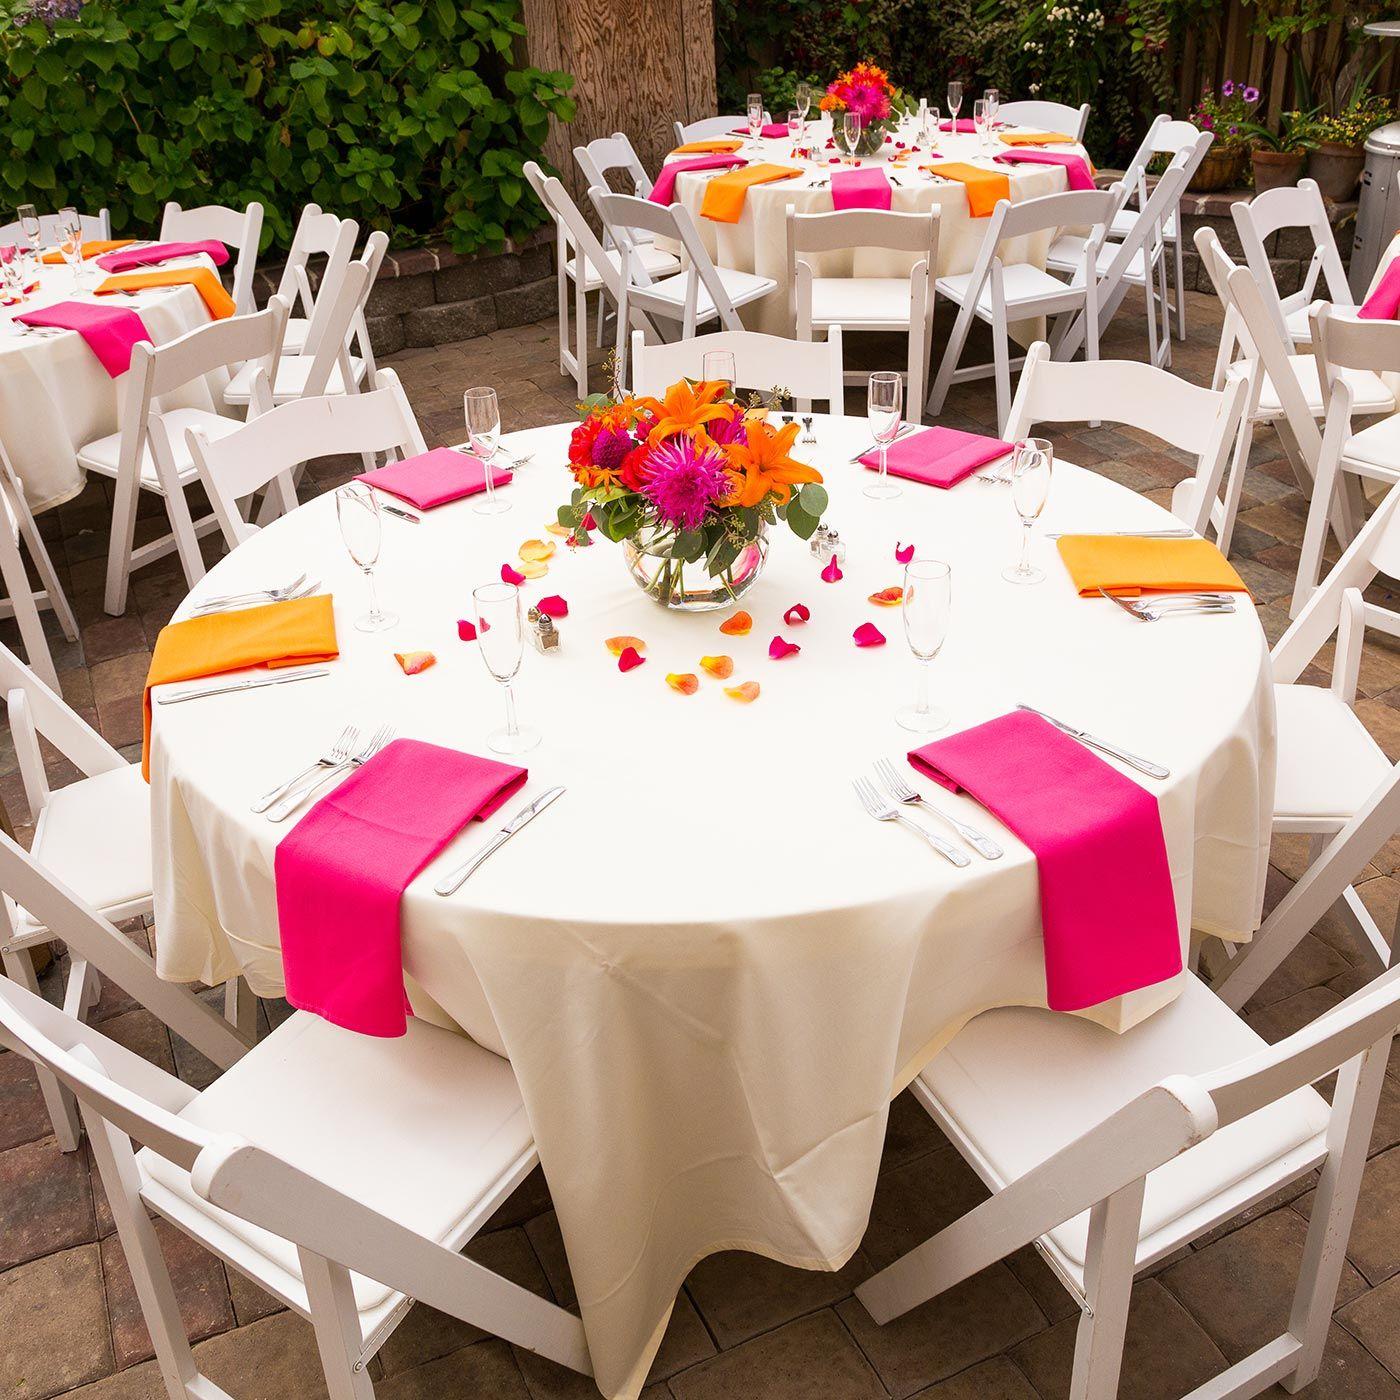 Tischdeko fuer Hochzeit in 2019  Tischdekoration zur